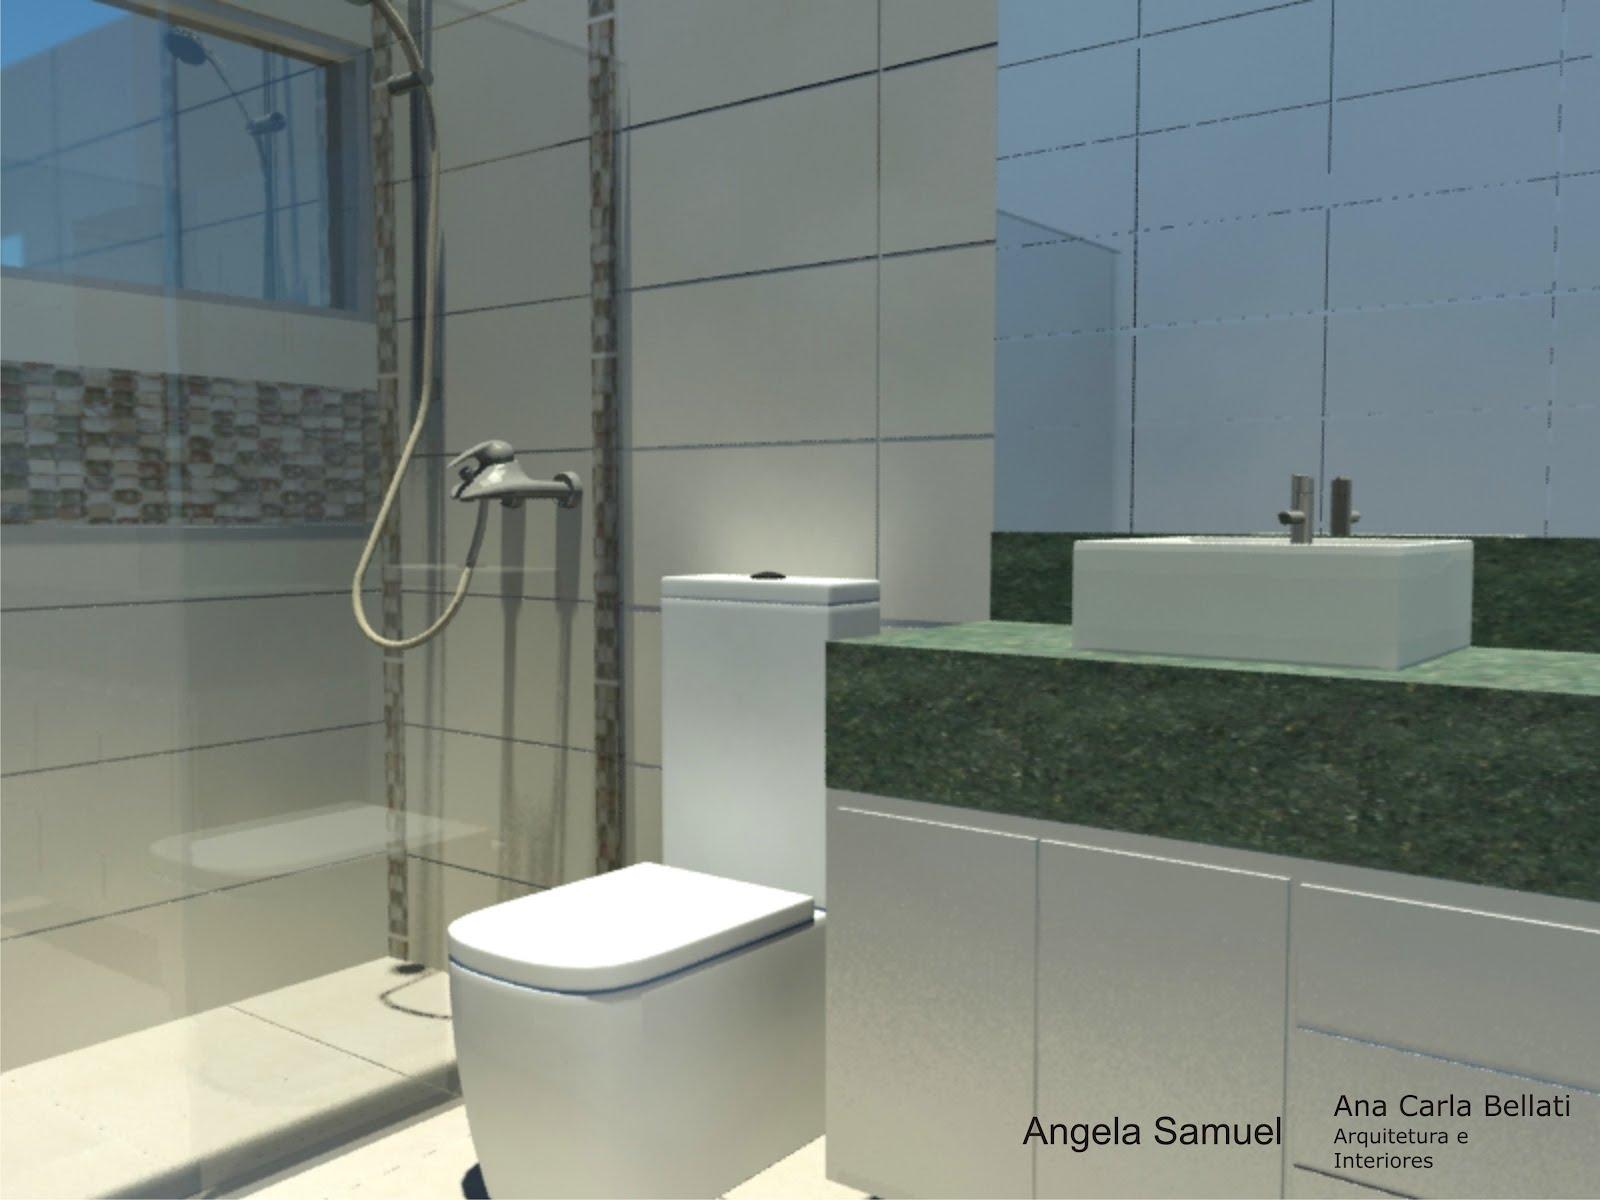 MUNHOZ GIANCOLI arquitetura atelier: REFORMA DE BANHEIRO  #838048 1600x1200 Arquitetura Para Banheiro